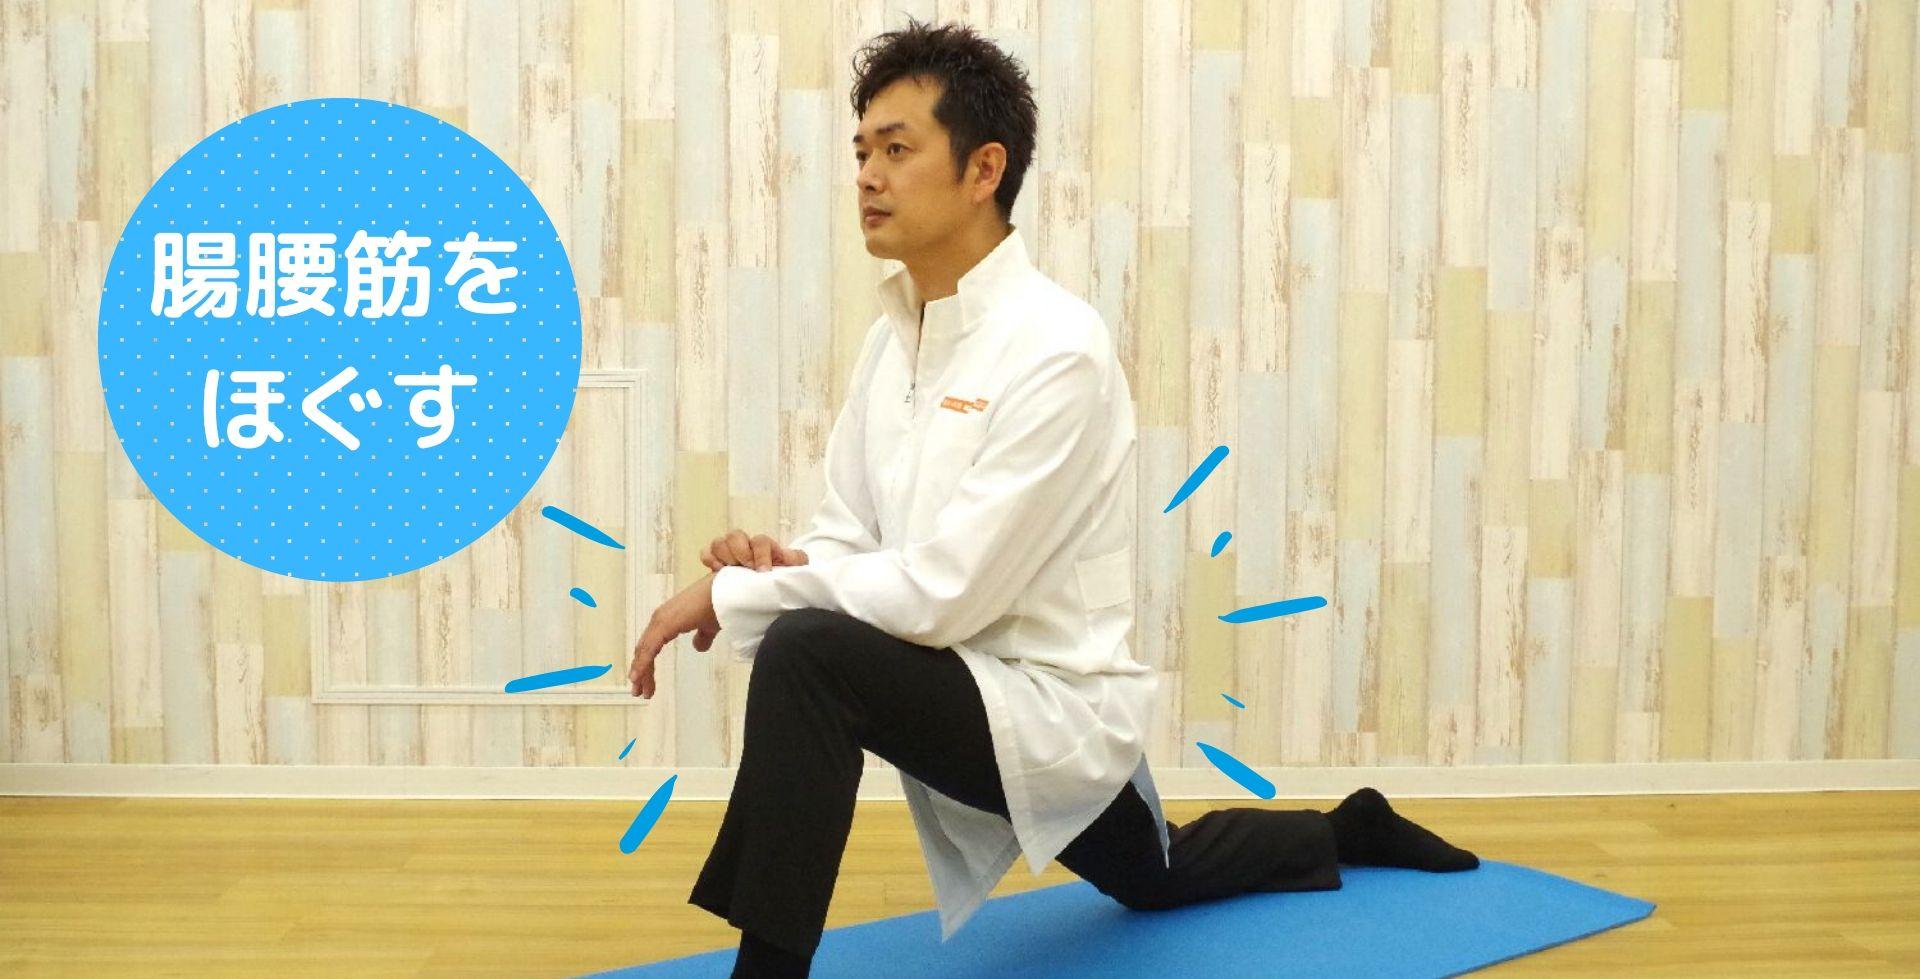 反り腰改善ストレッチ、効果的なやり方をカラダファクトリーの整体師が解説